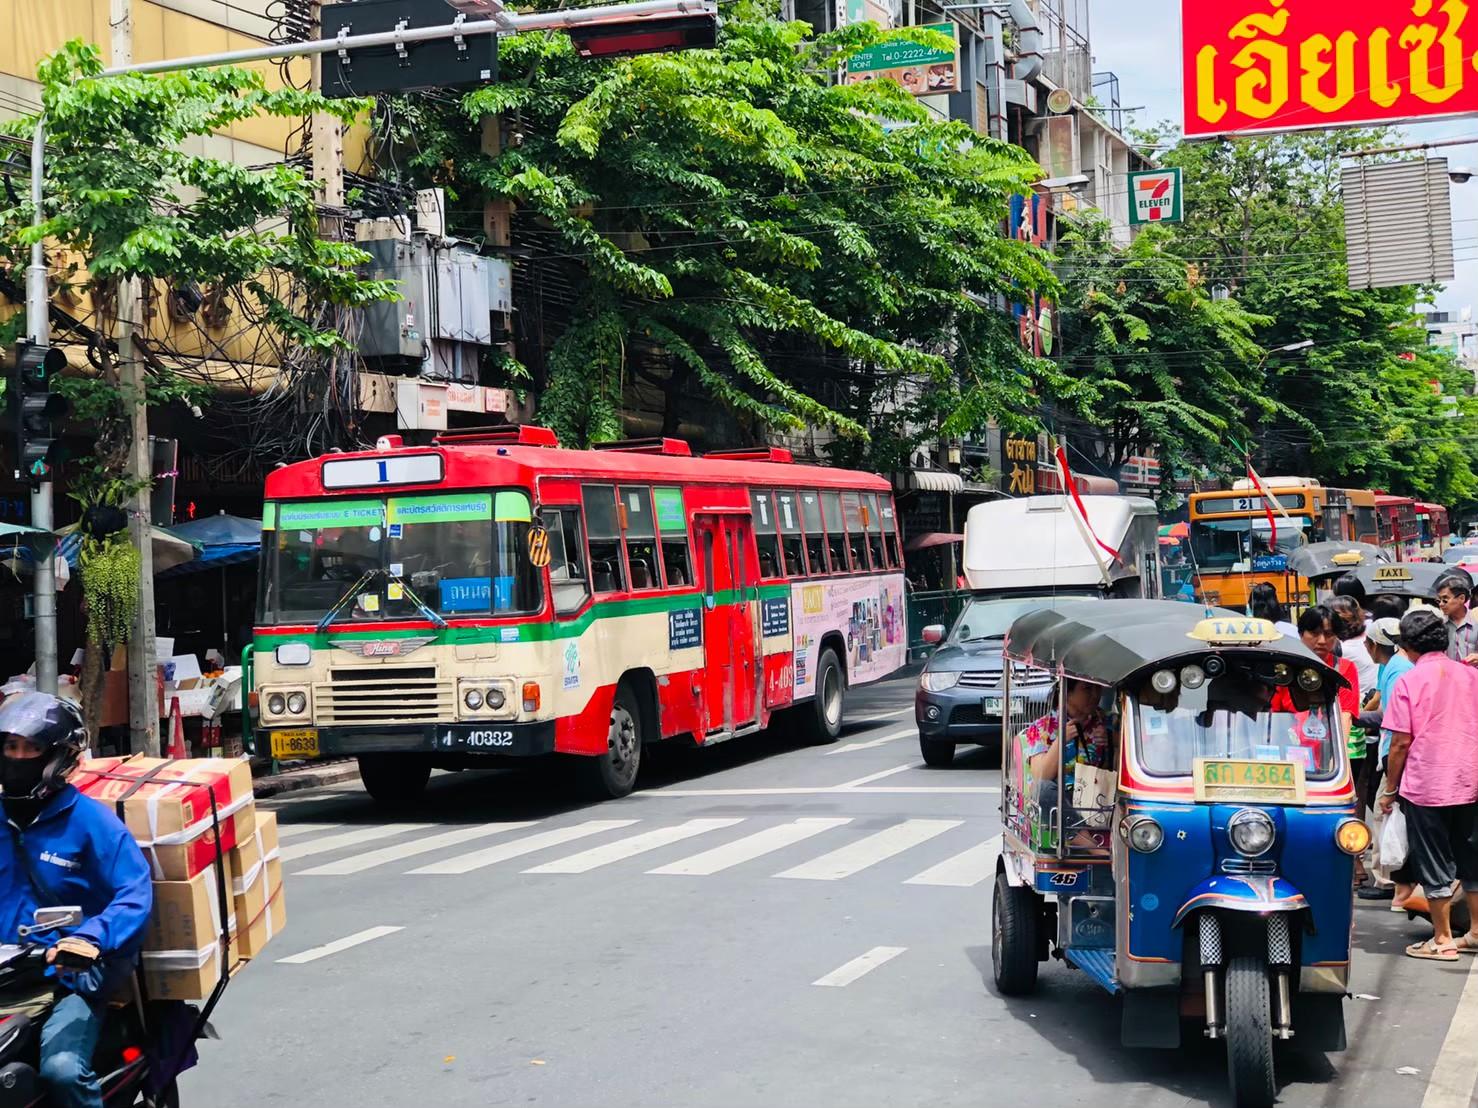 タイ旅行初心者におすすめのタイ語本で100倍楽しい!